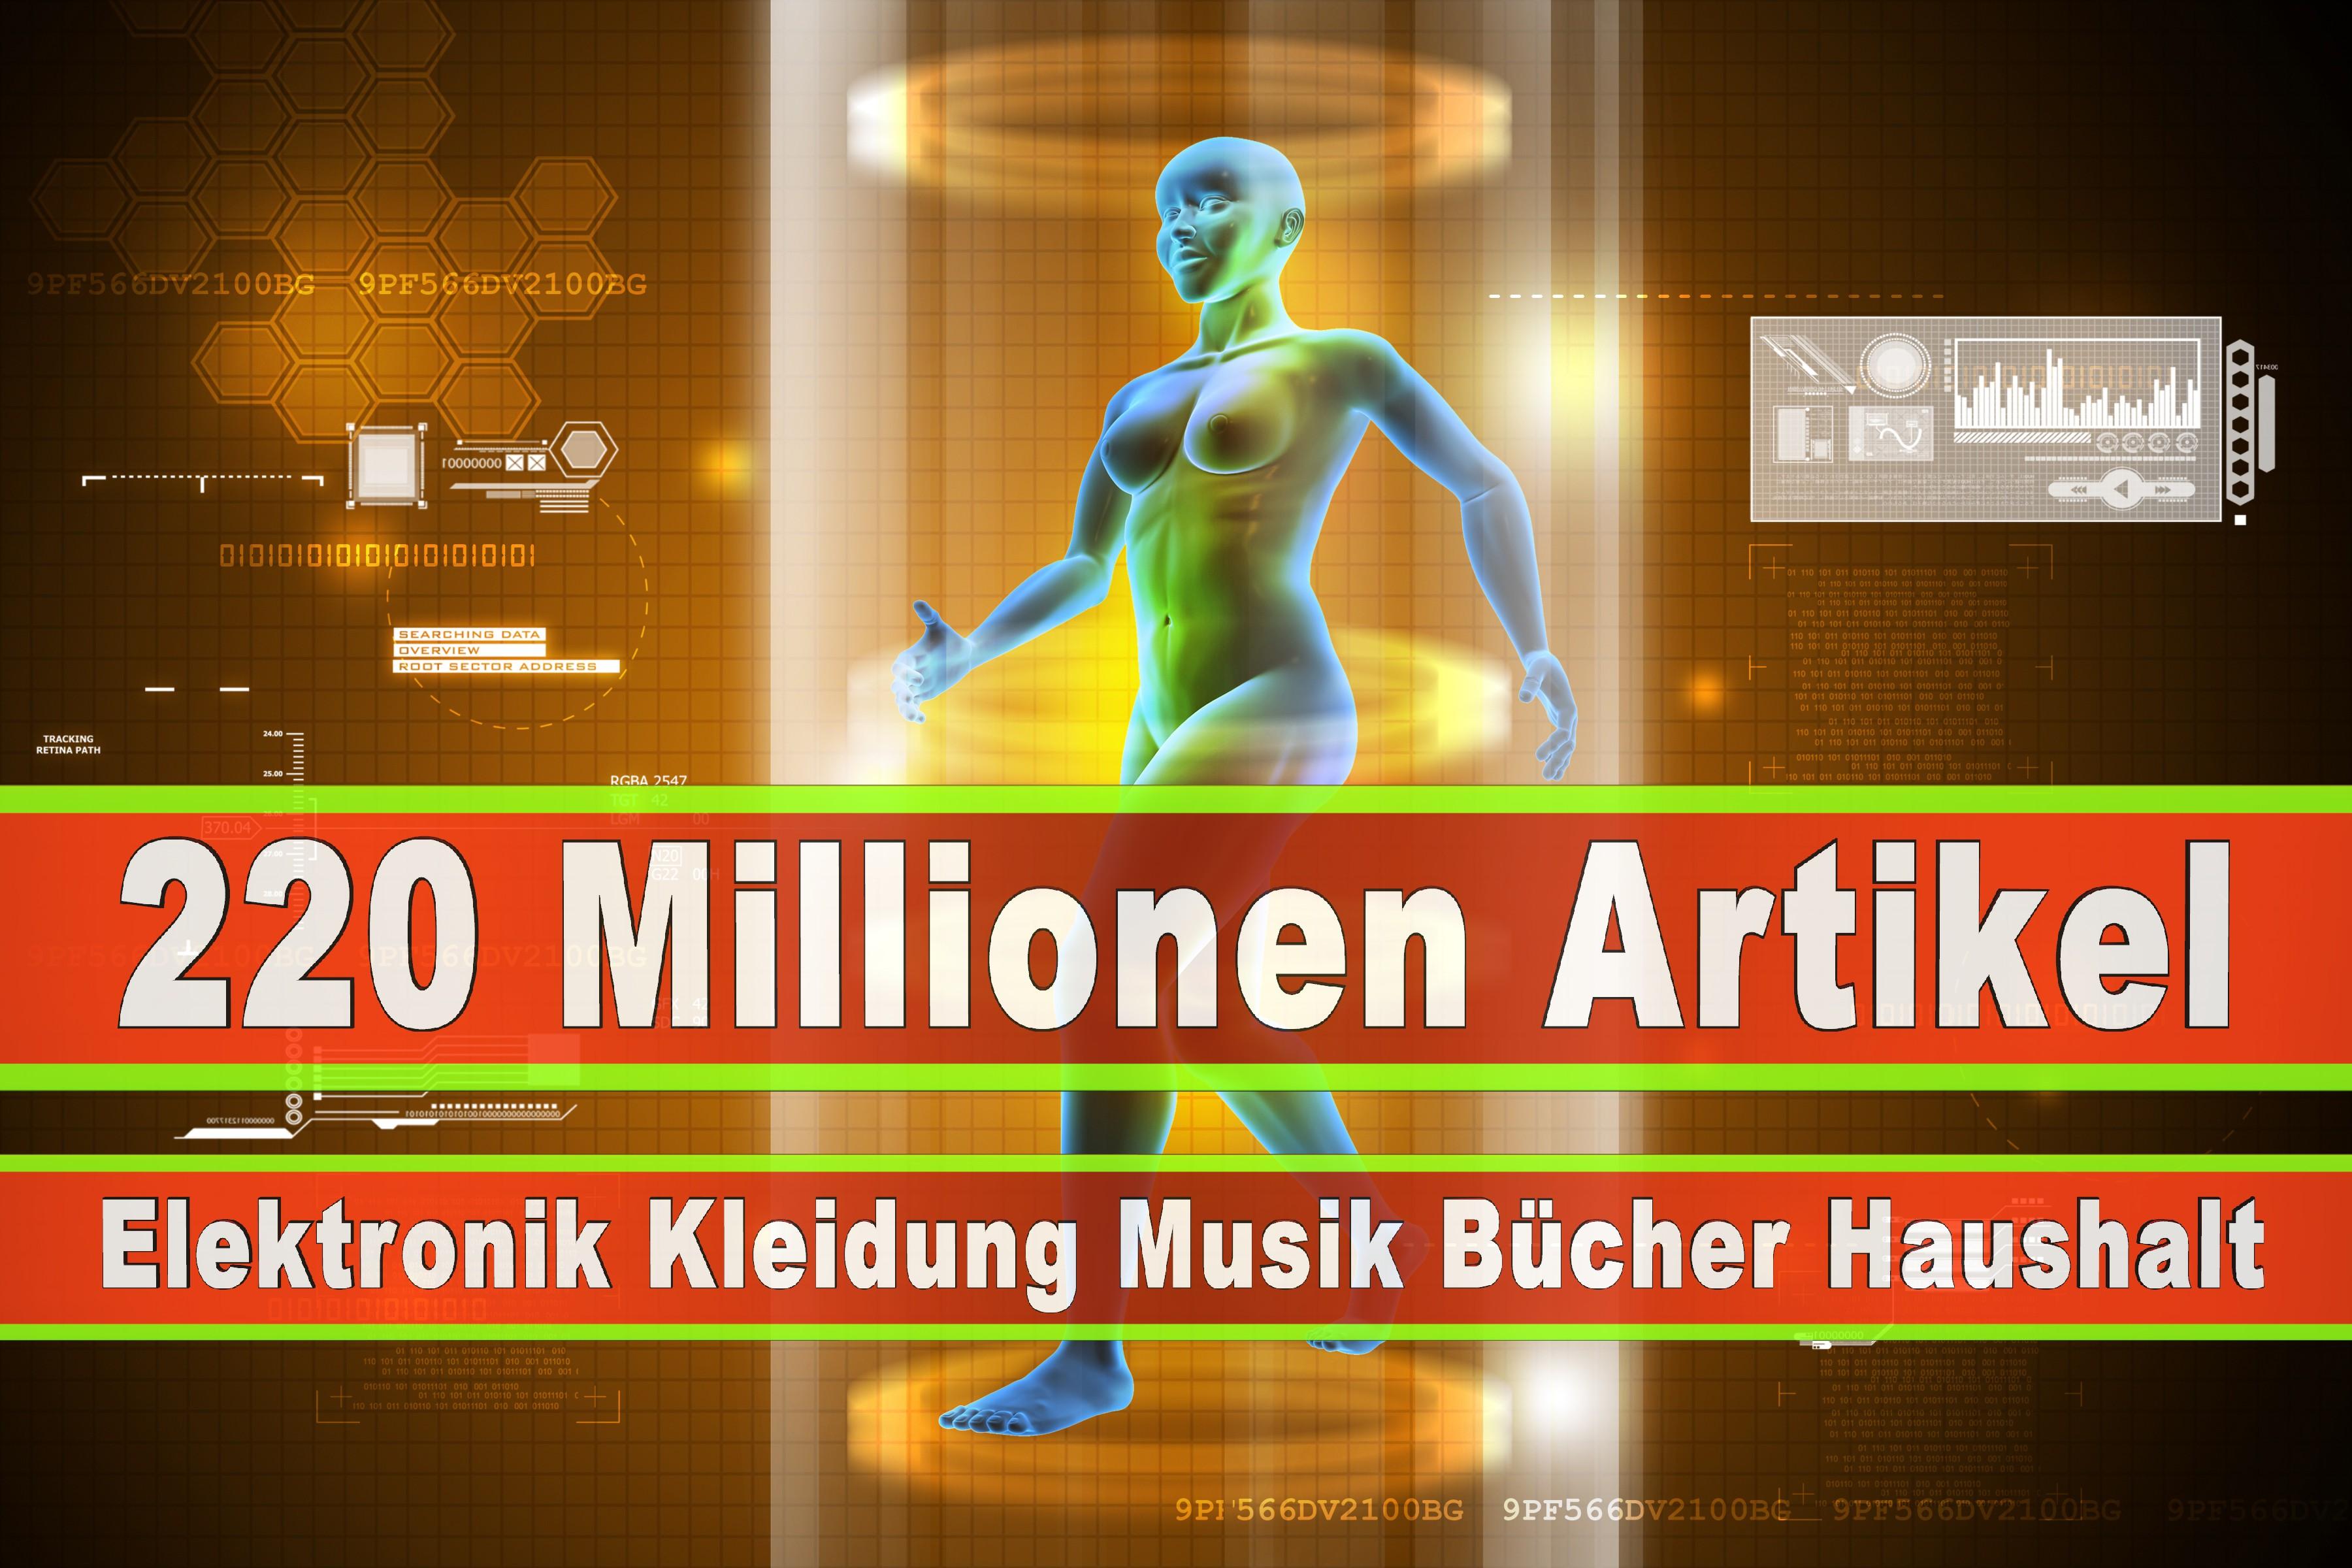 Amazon Elektronik Musik Haushalt Bücher CD DVD Handys Smartphones TV Television Fernseher Kleidung Mode Ebay (71)